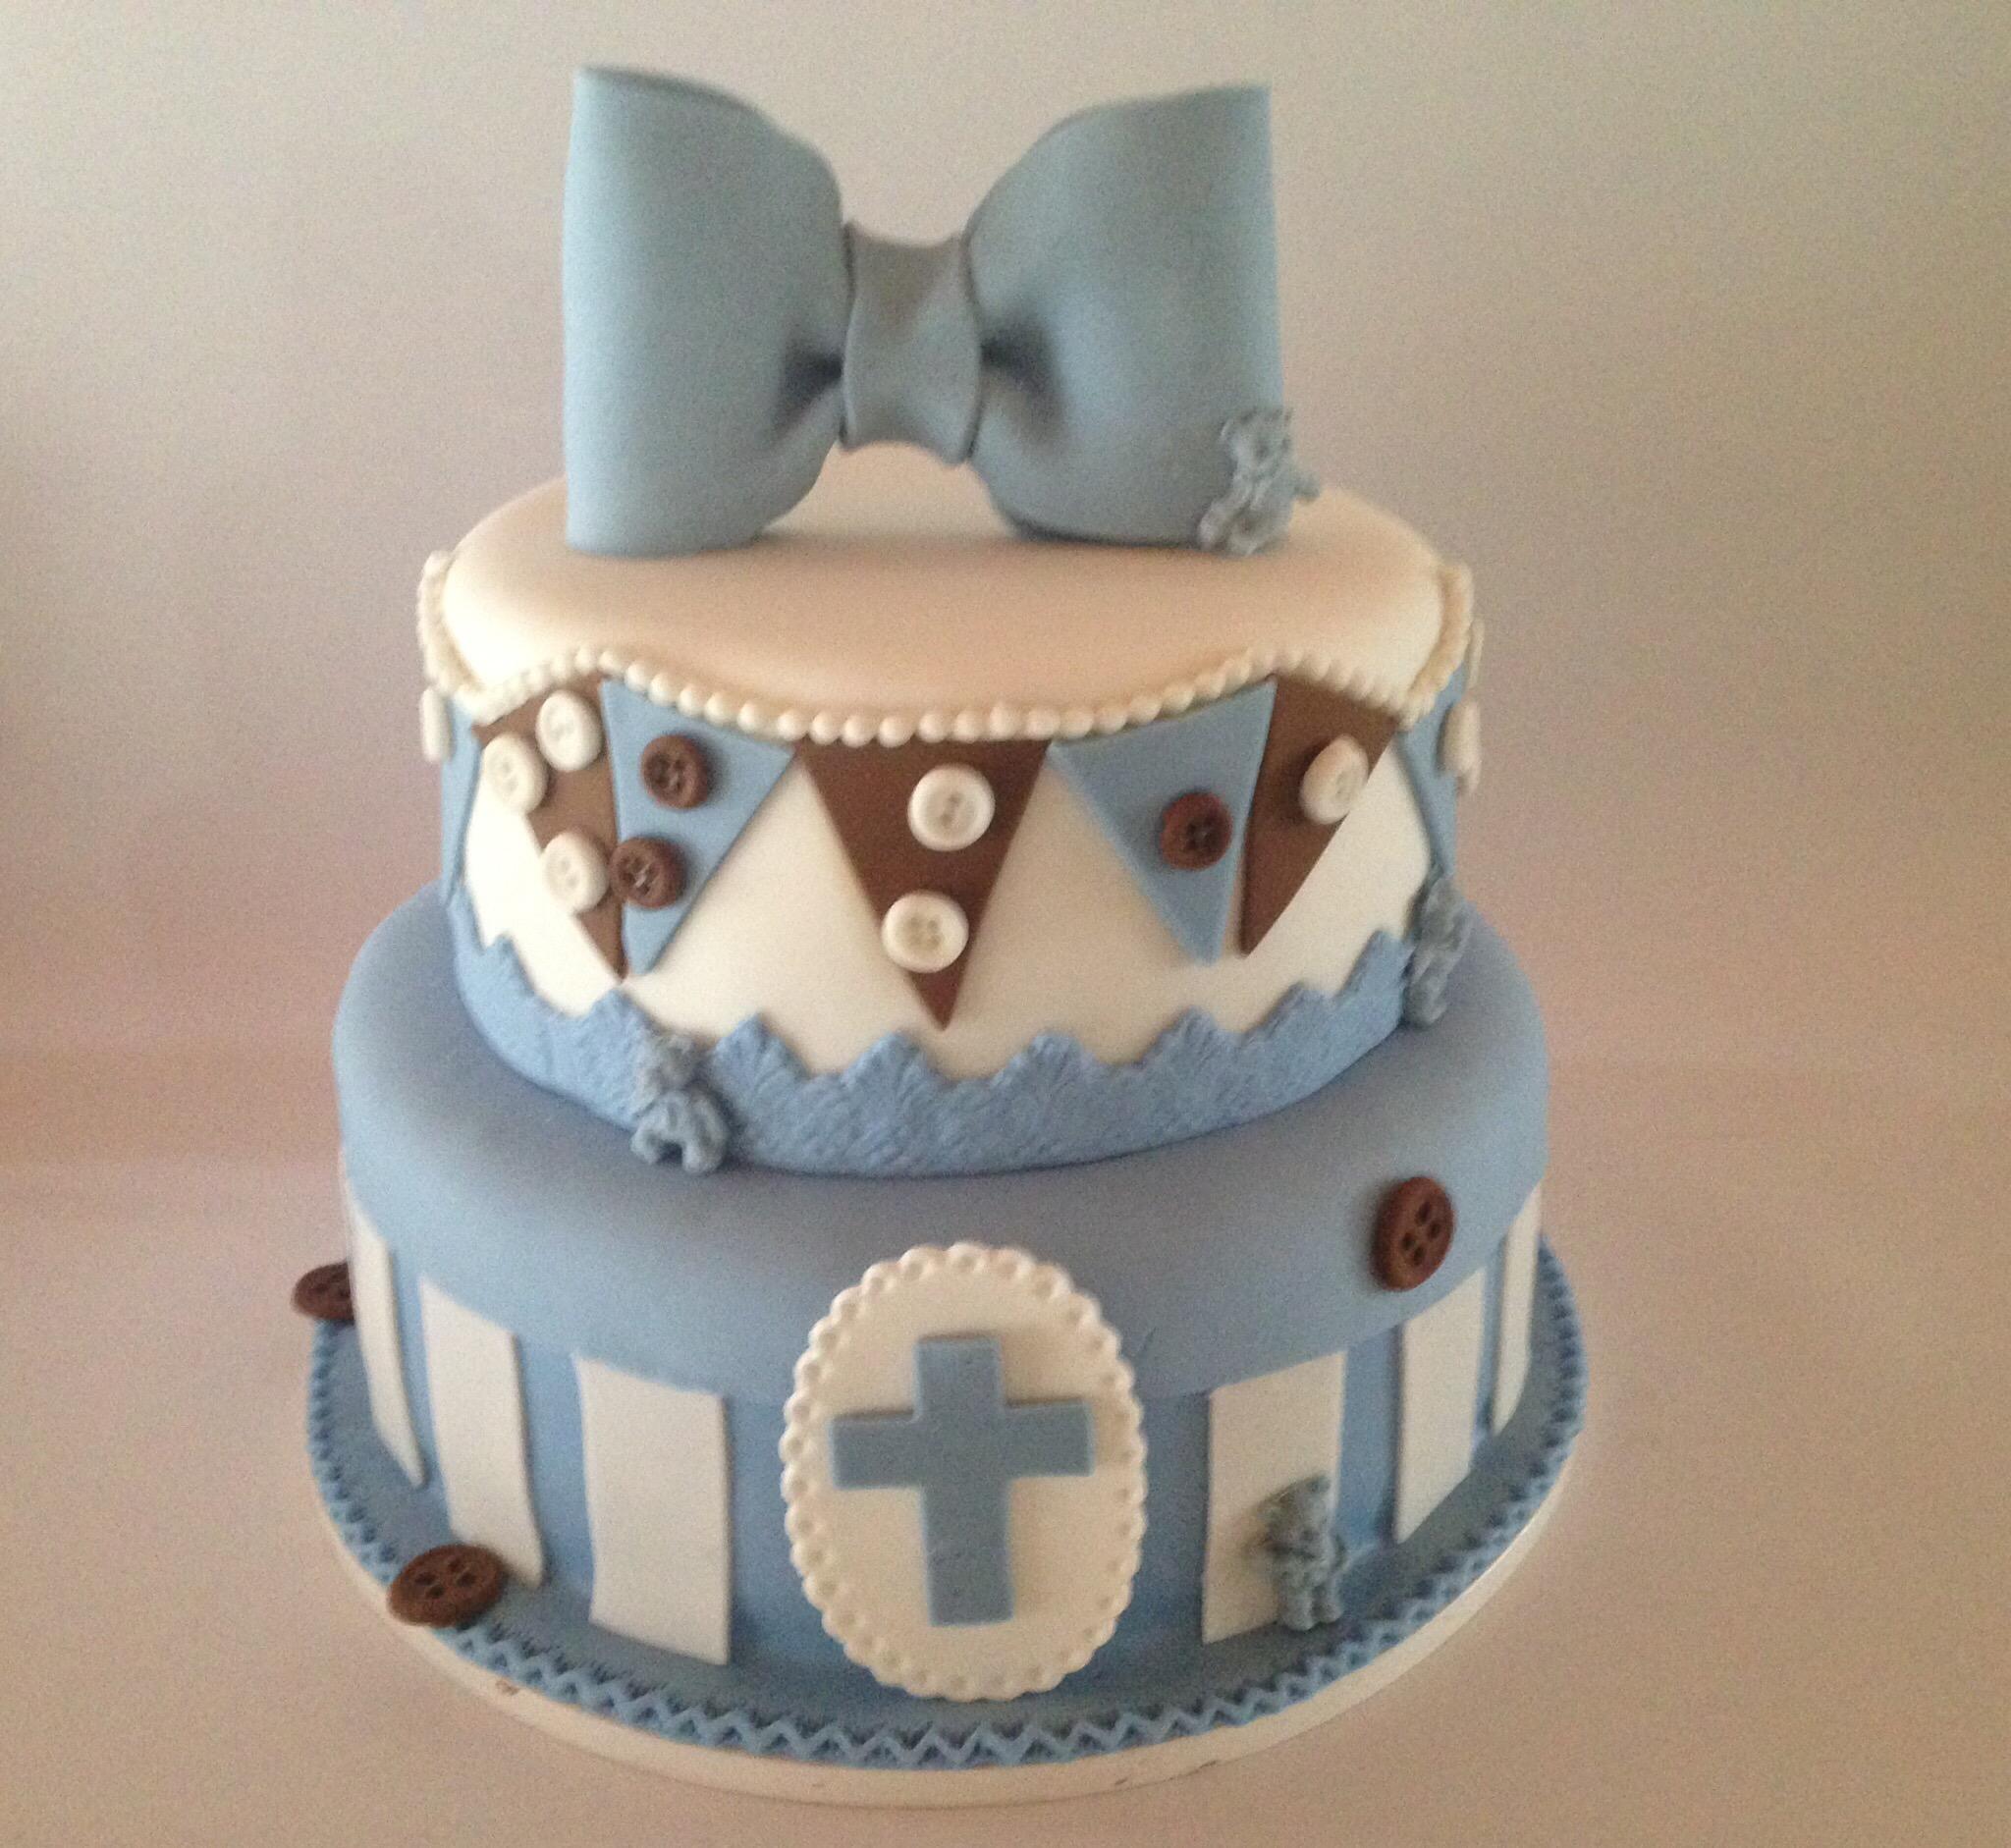 Tortas de bautizo y baby shower Choconuez pastelería